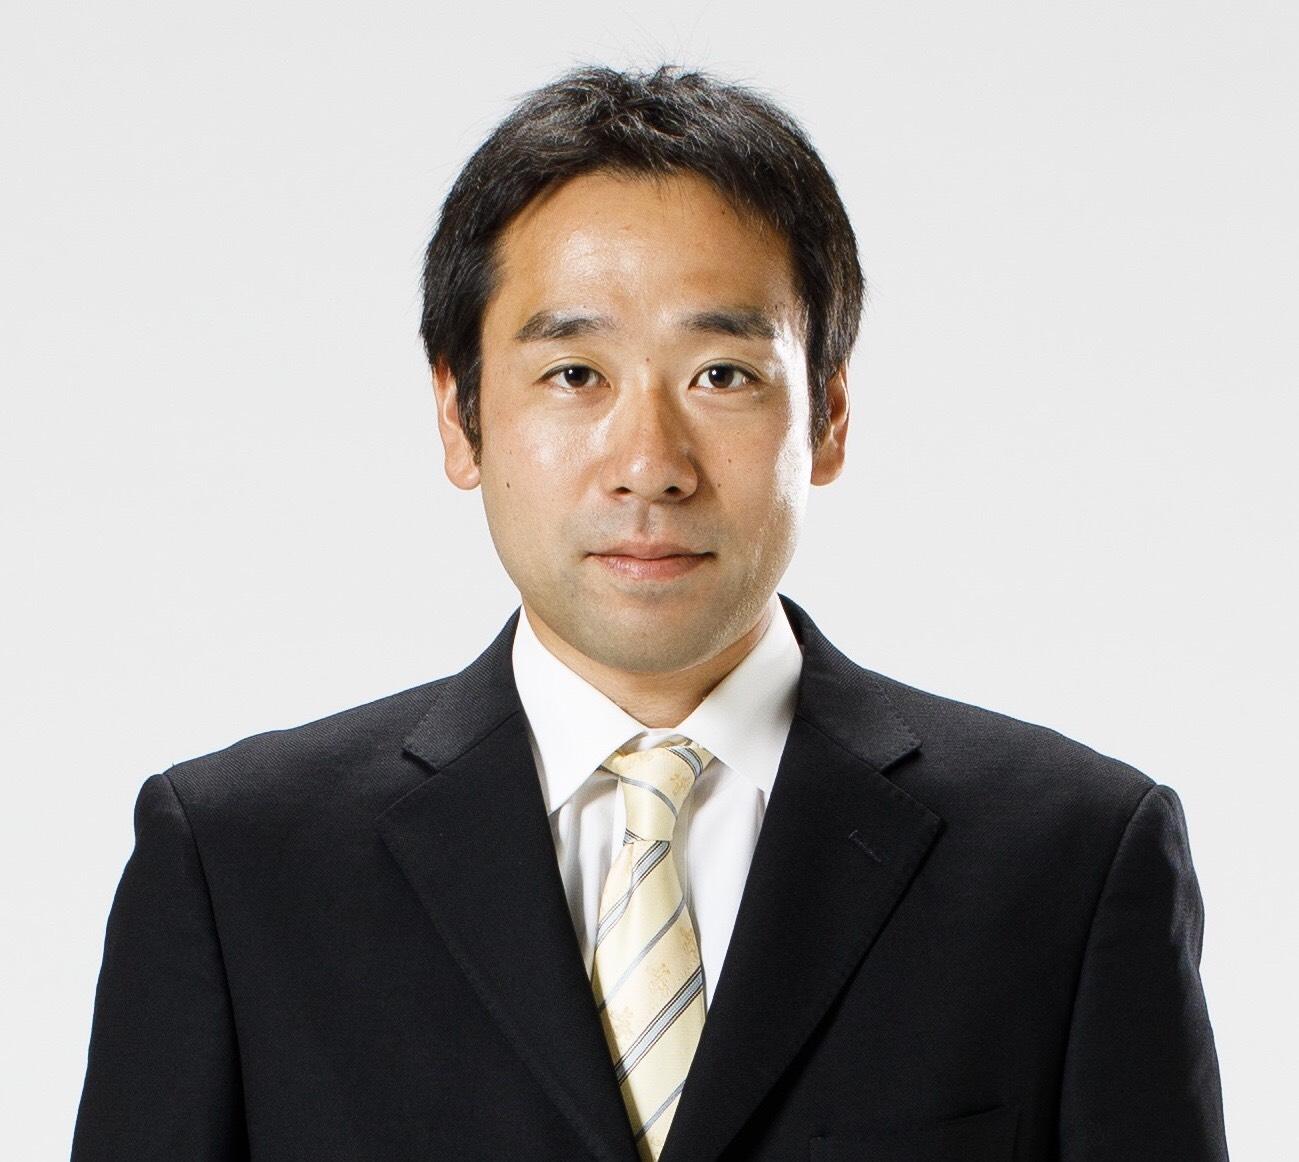 衛藤 晃平